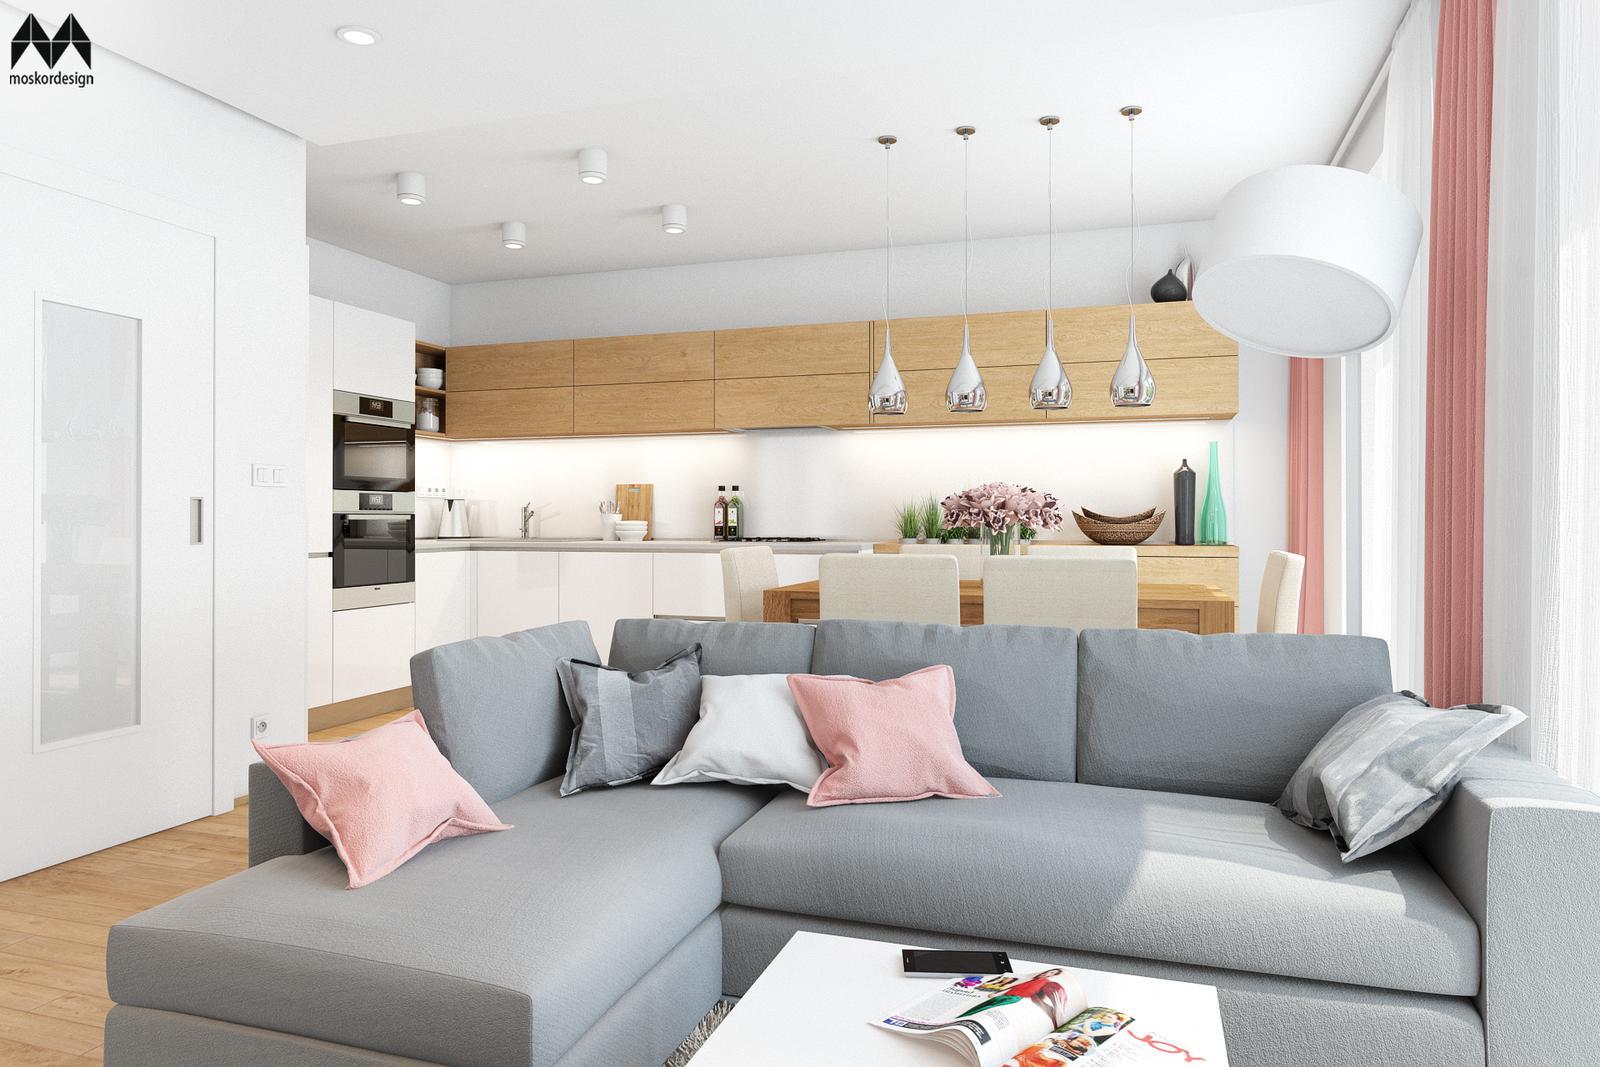 Interiér s růžovou ... - šedá sedačka v obývacím pokoji